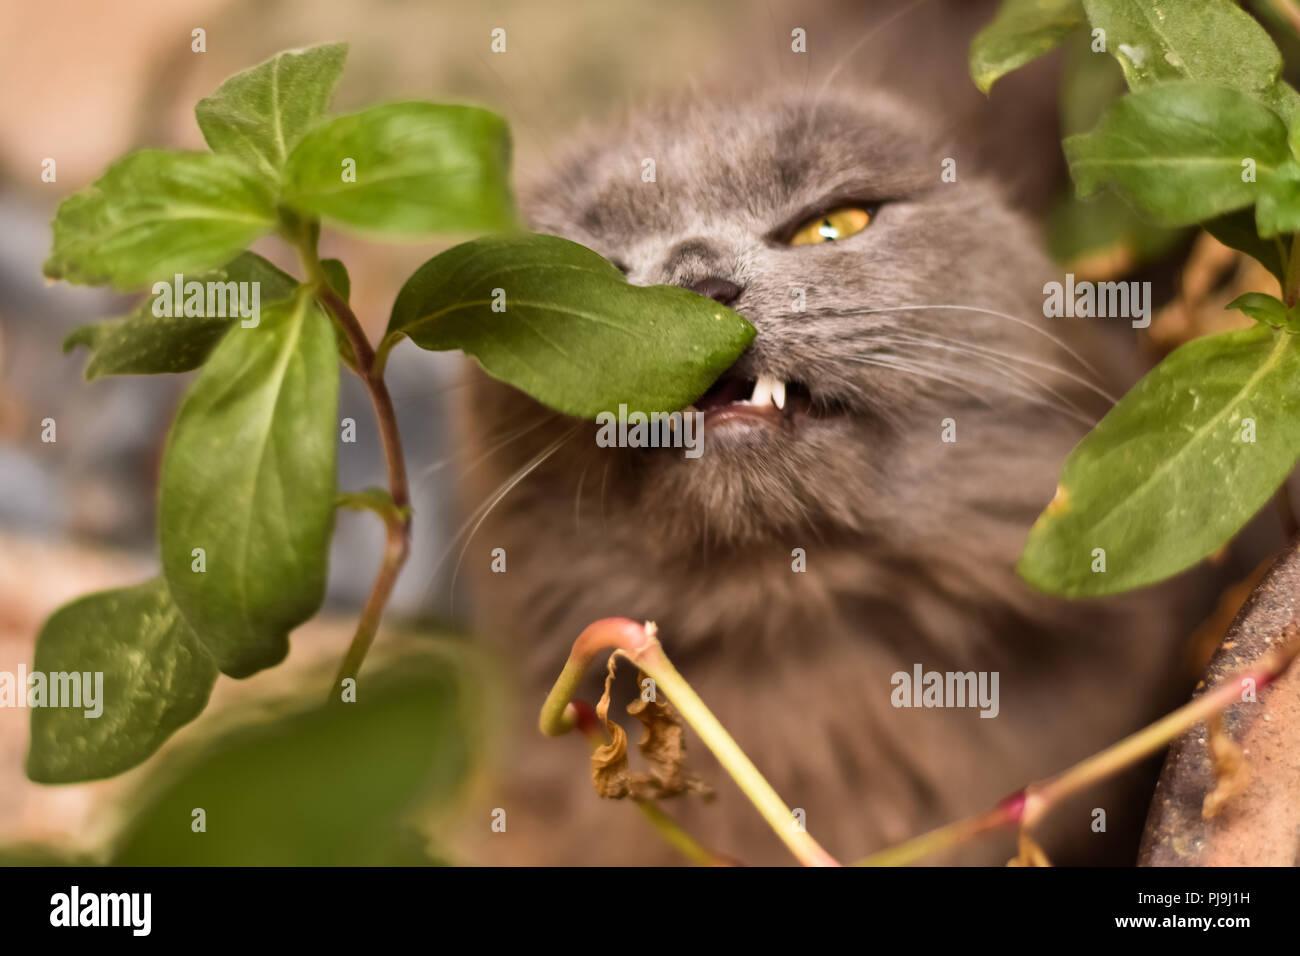 Munchkin Cat - Stock Image